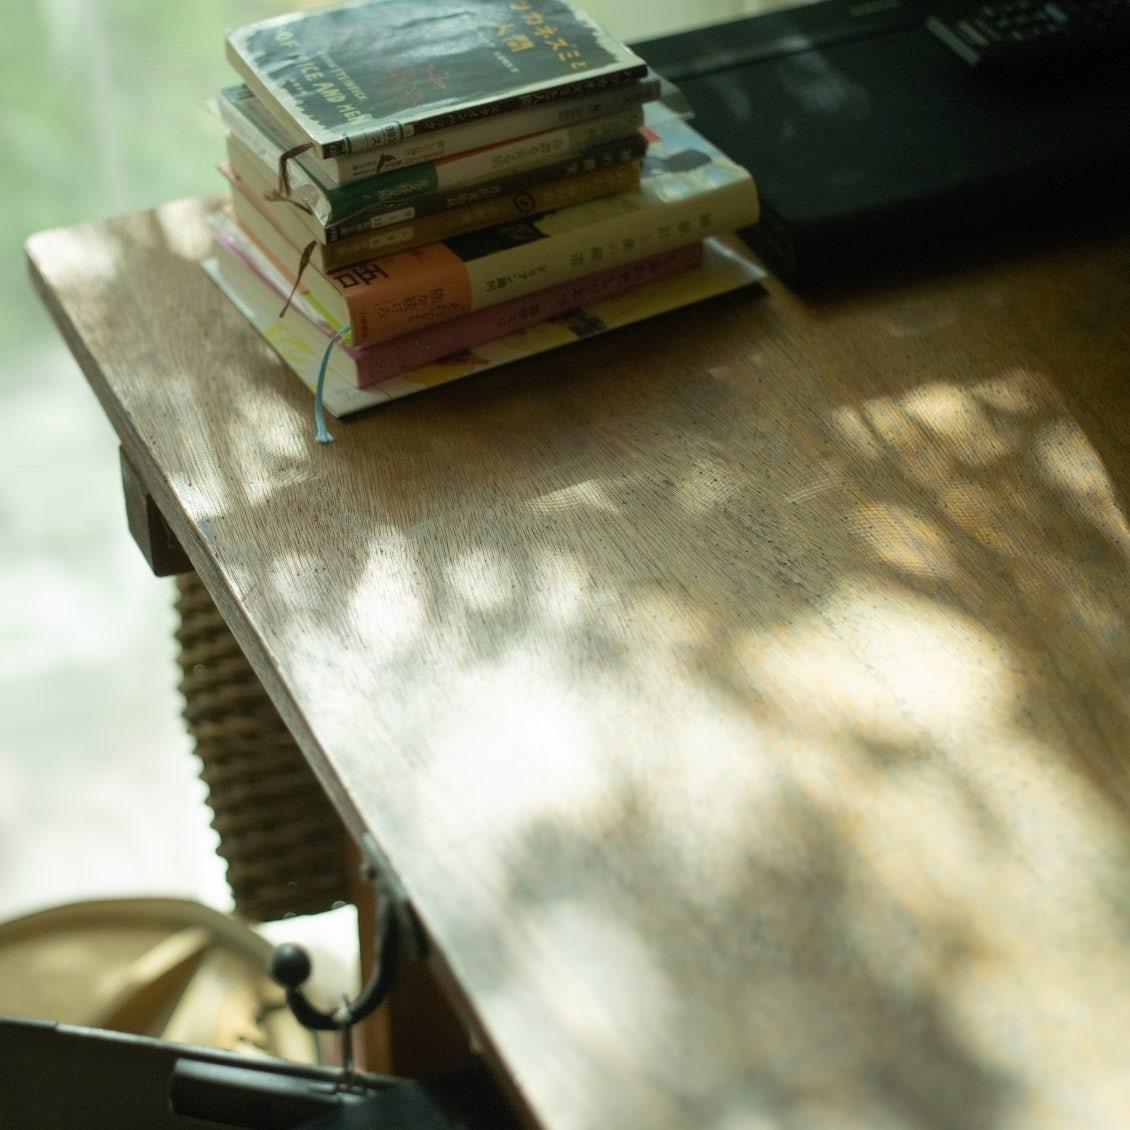 【バックナンバー公開】面白さはいつだって日常の中に。随筆家・山本ふみこさんの連載を、メルマガ限定で配信中です。